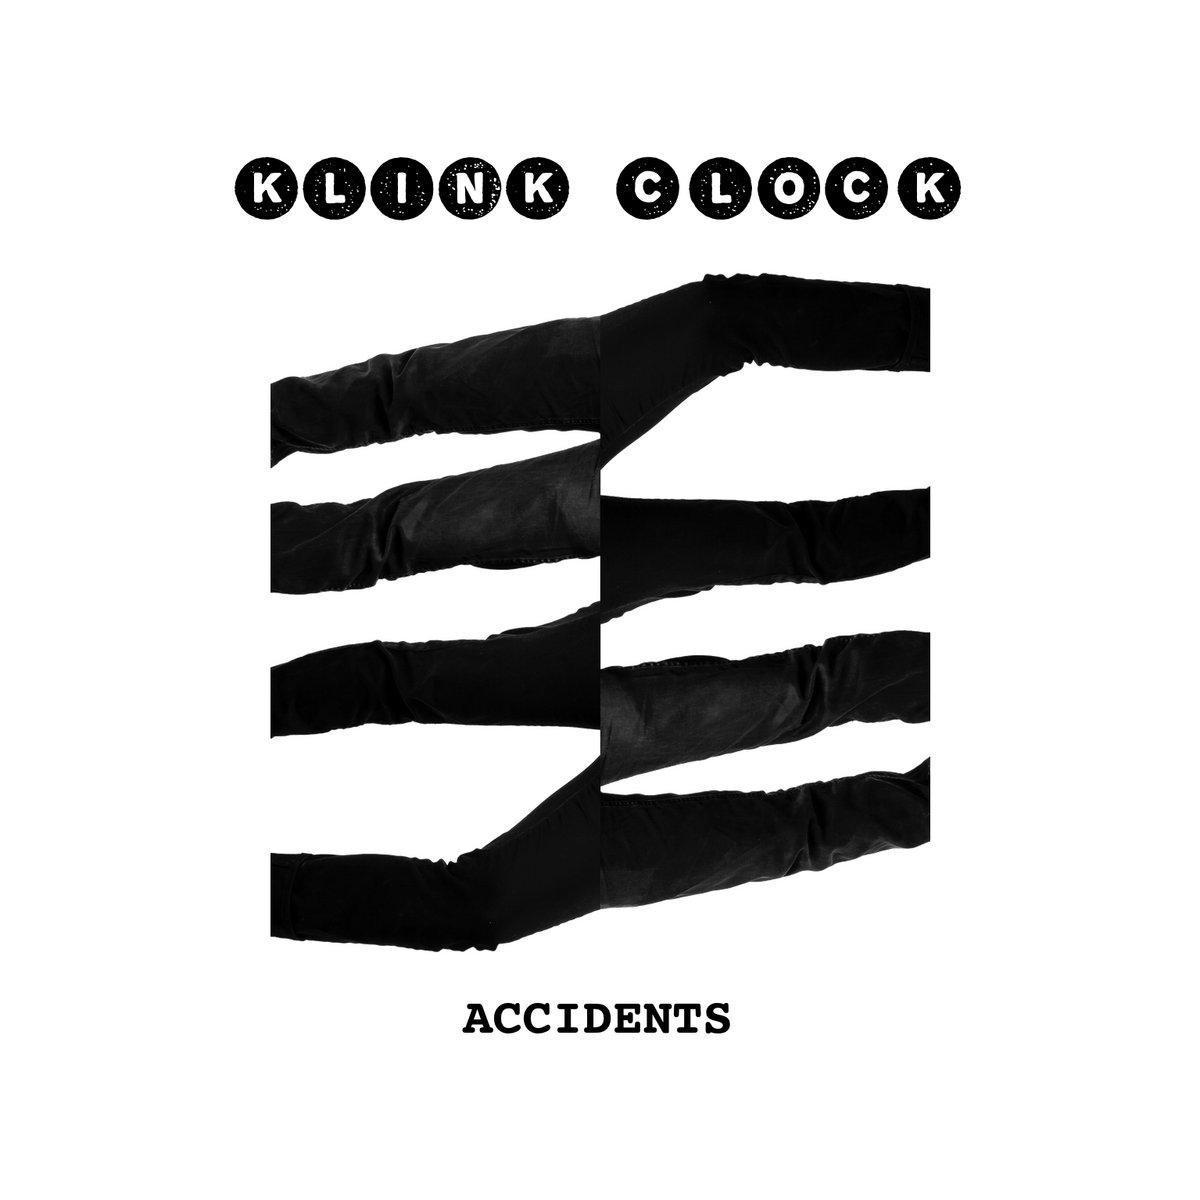 """Résultat de recherche d'images pour """"klink clock accidents cd"""""""